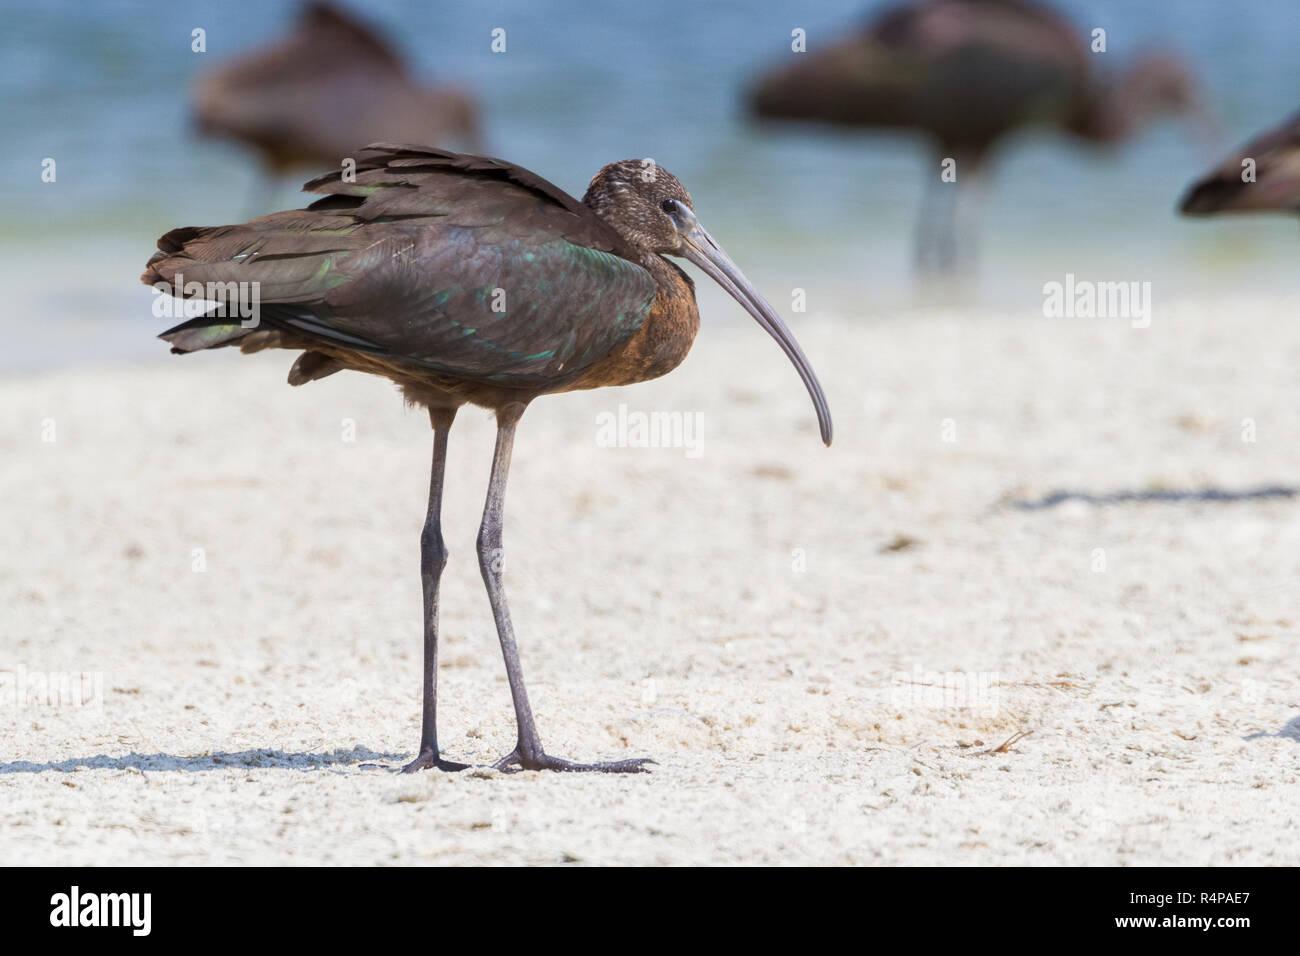 Glossy Ibis (Plegadis falcinellus), unreife auf einem Strand in Oman stehend Stockbild